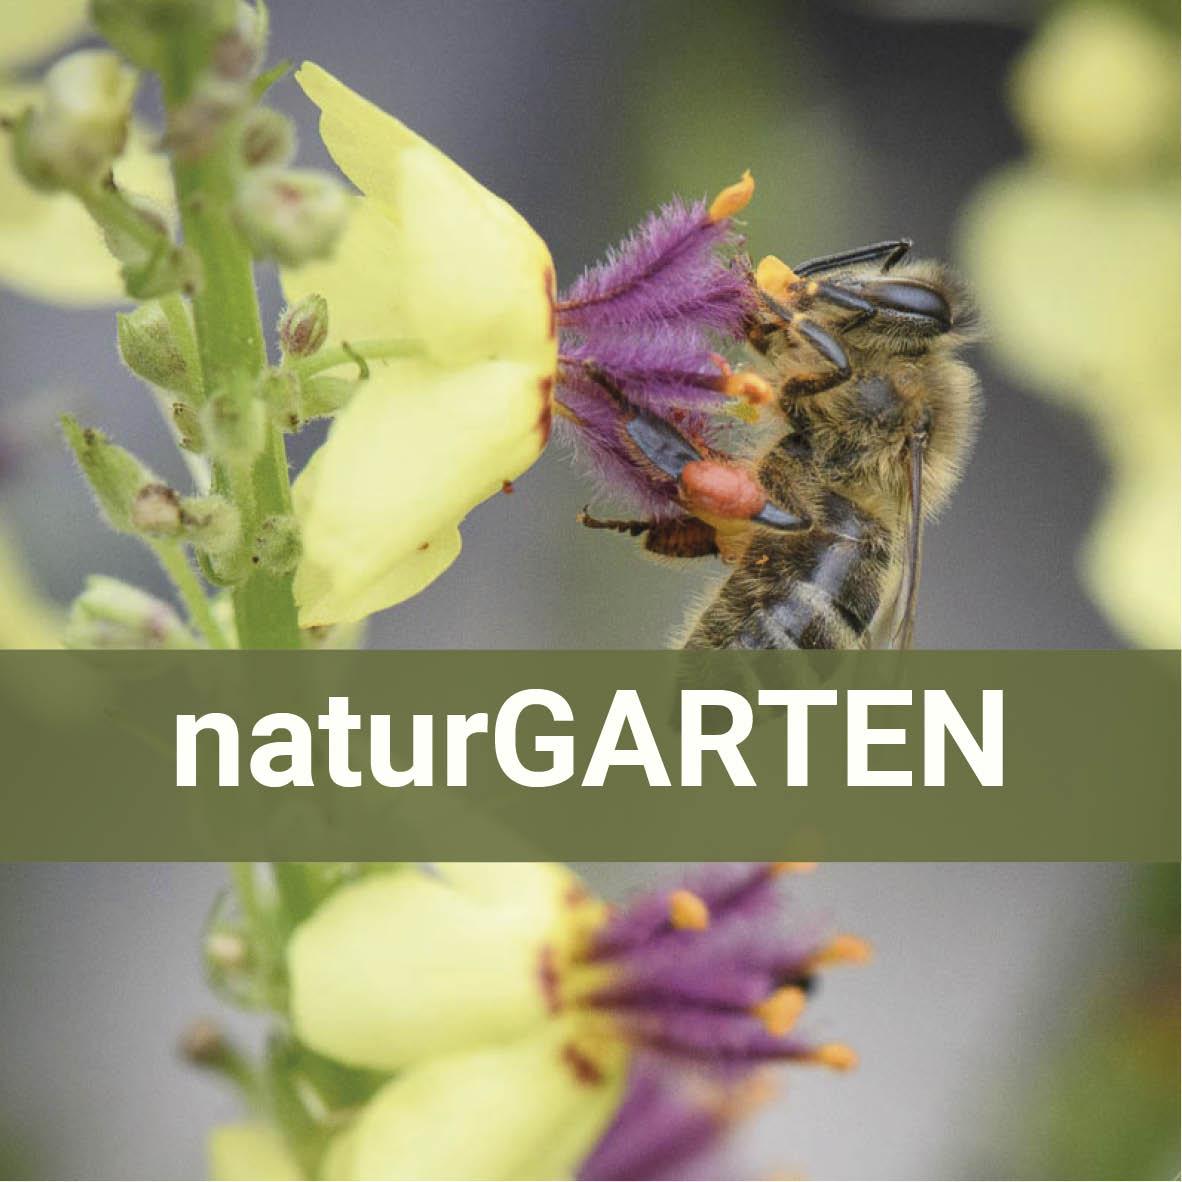 Naturgarten - Pflanzen, Tiere und Tipps